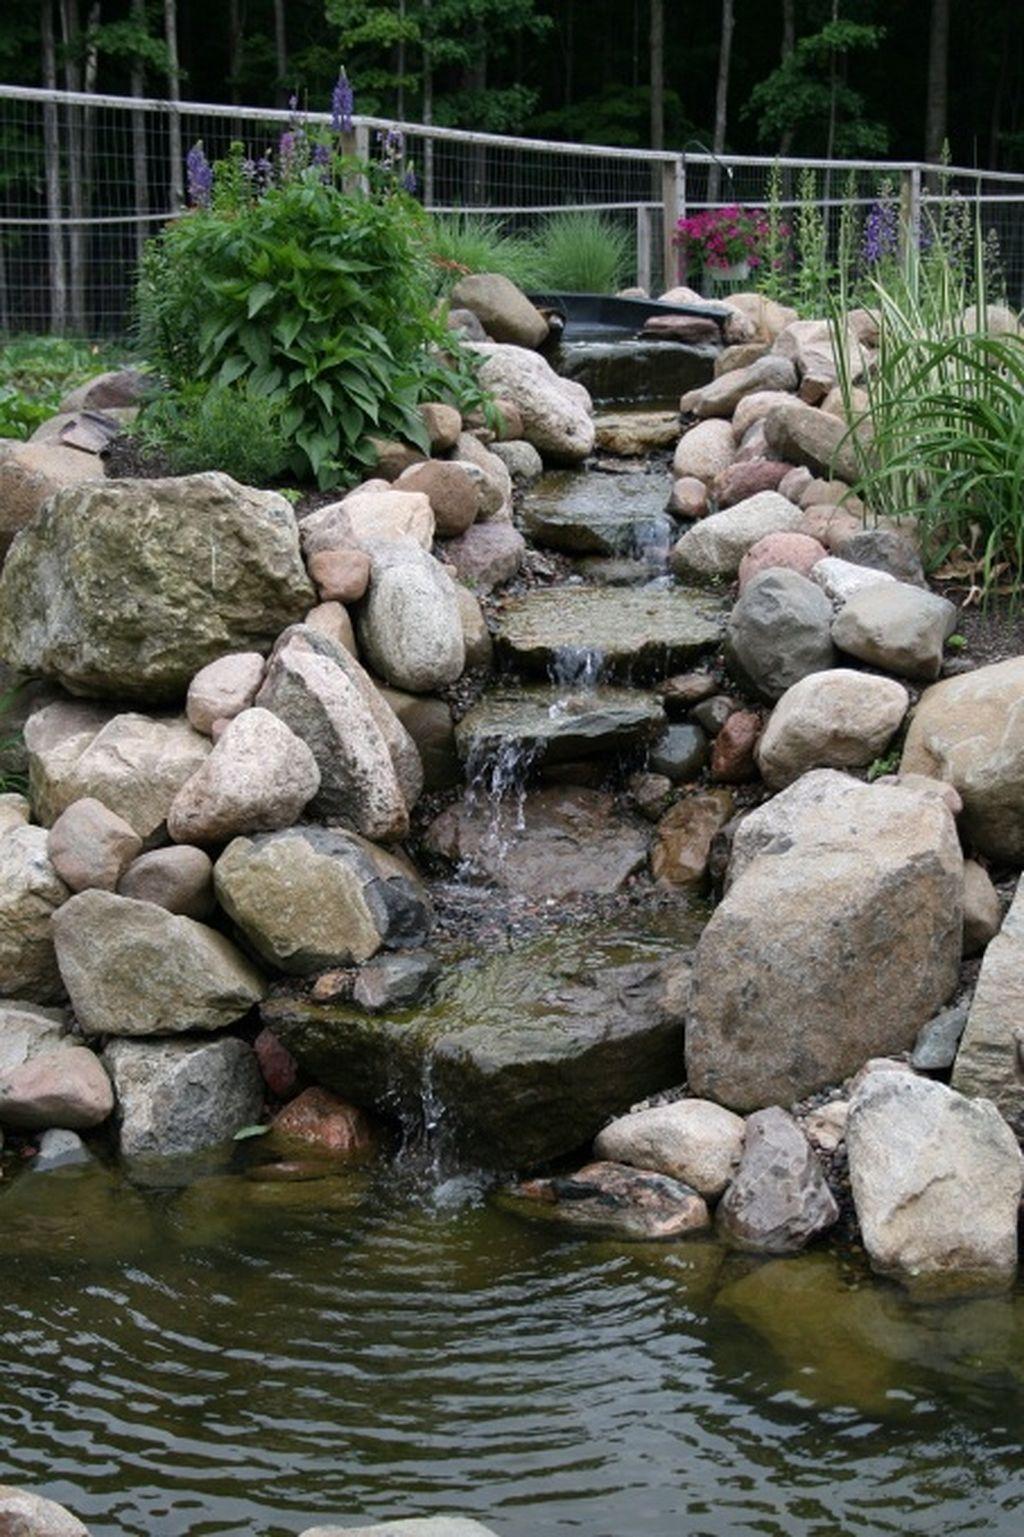 Backyard pond waterfall 3 | Waterfalls backyard, Ponds ... on Small Backyard Pond With Waterfall  id=26219